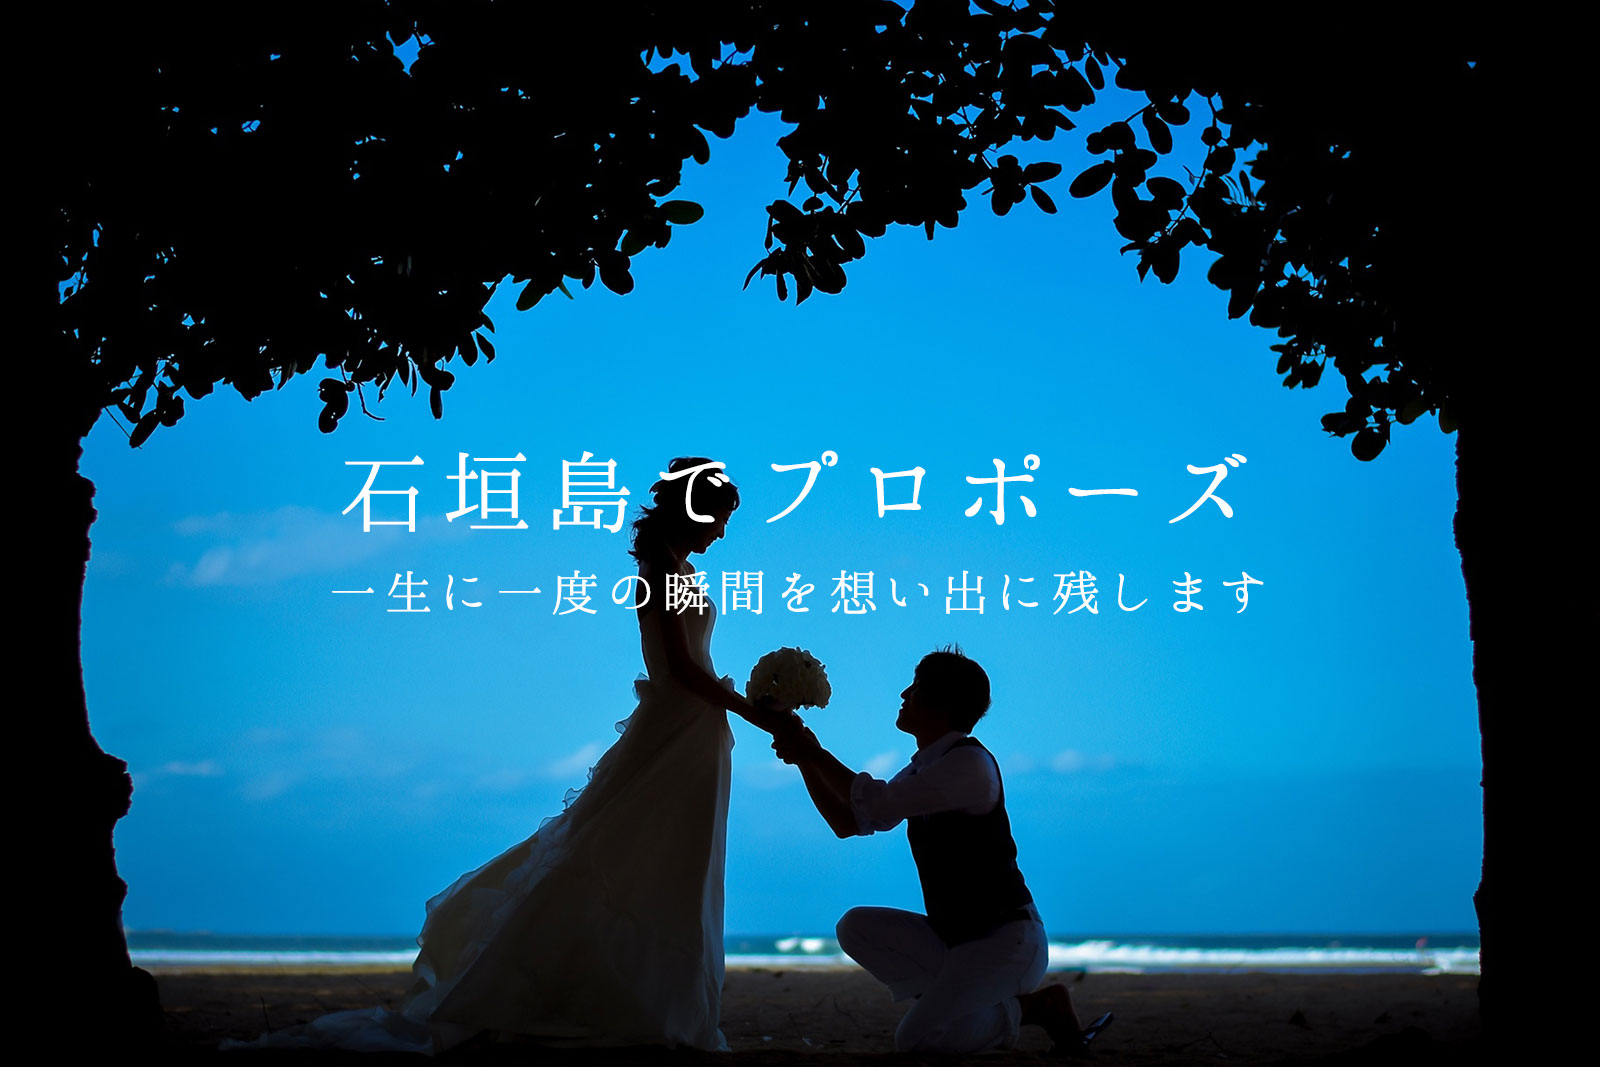 石垣島でプロポーズフォト!「石垣旅行で彼女にプロポーズしたい」を応援します♡